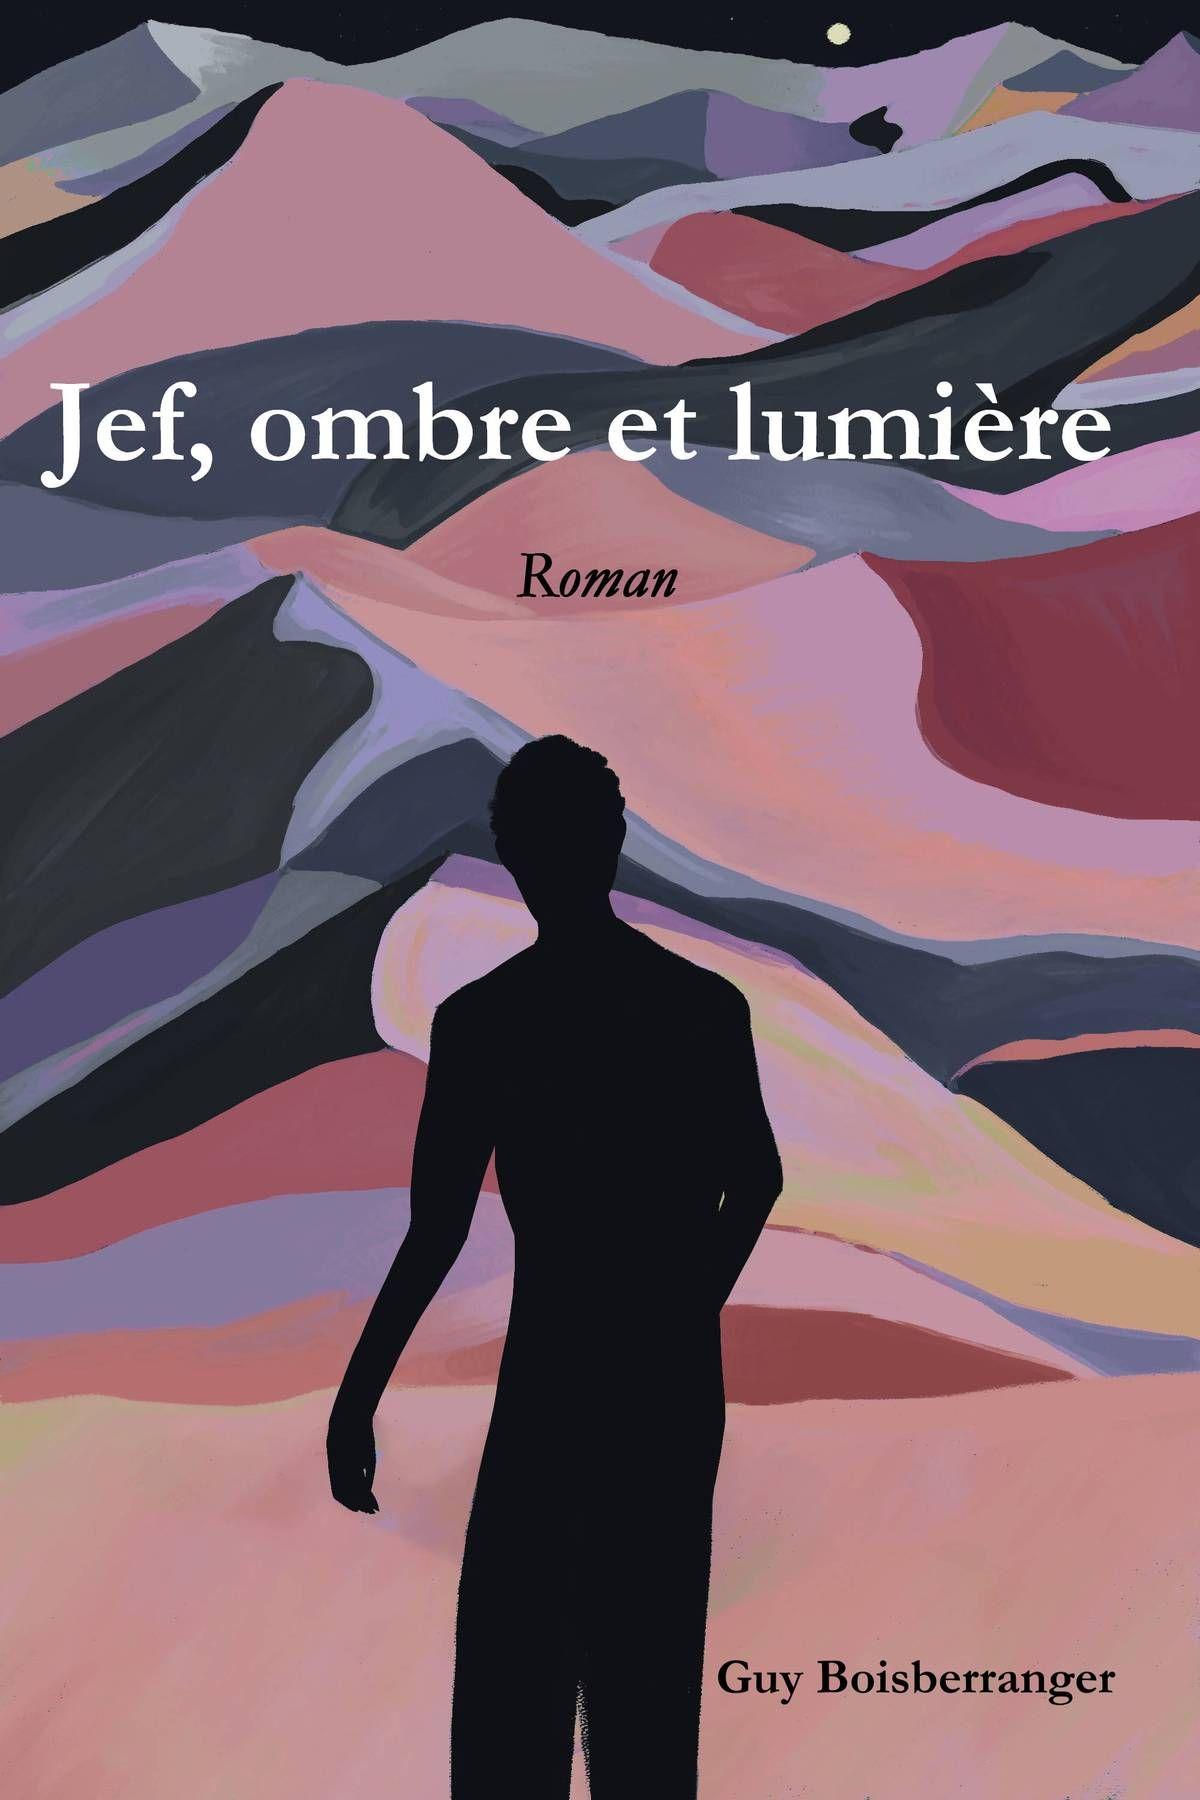 Lart - ENTRE OMBRE et LUMIERE - - El Lefébien